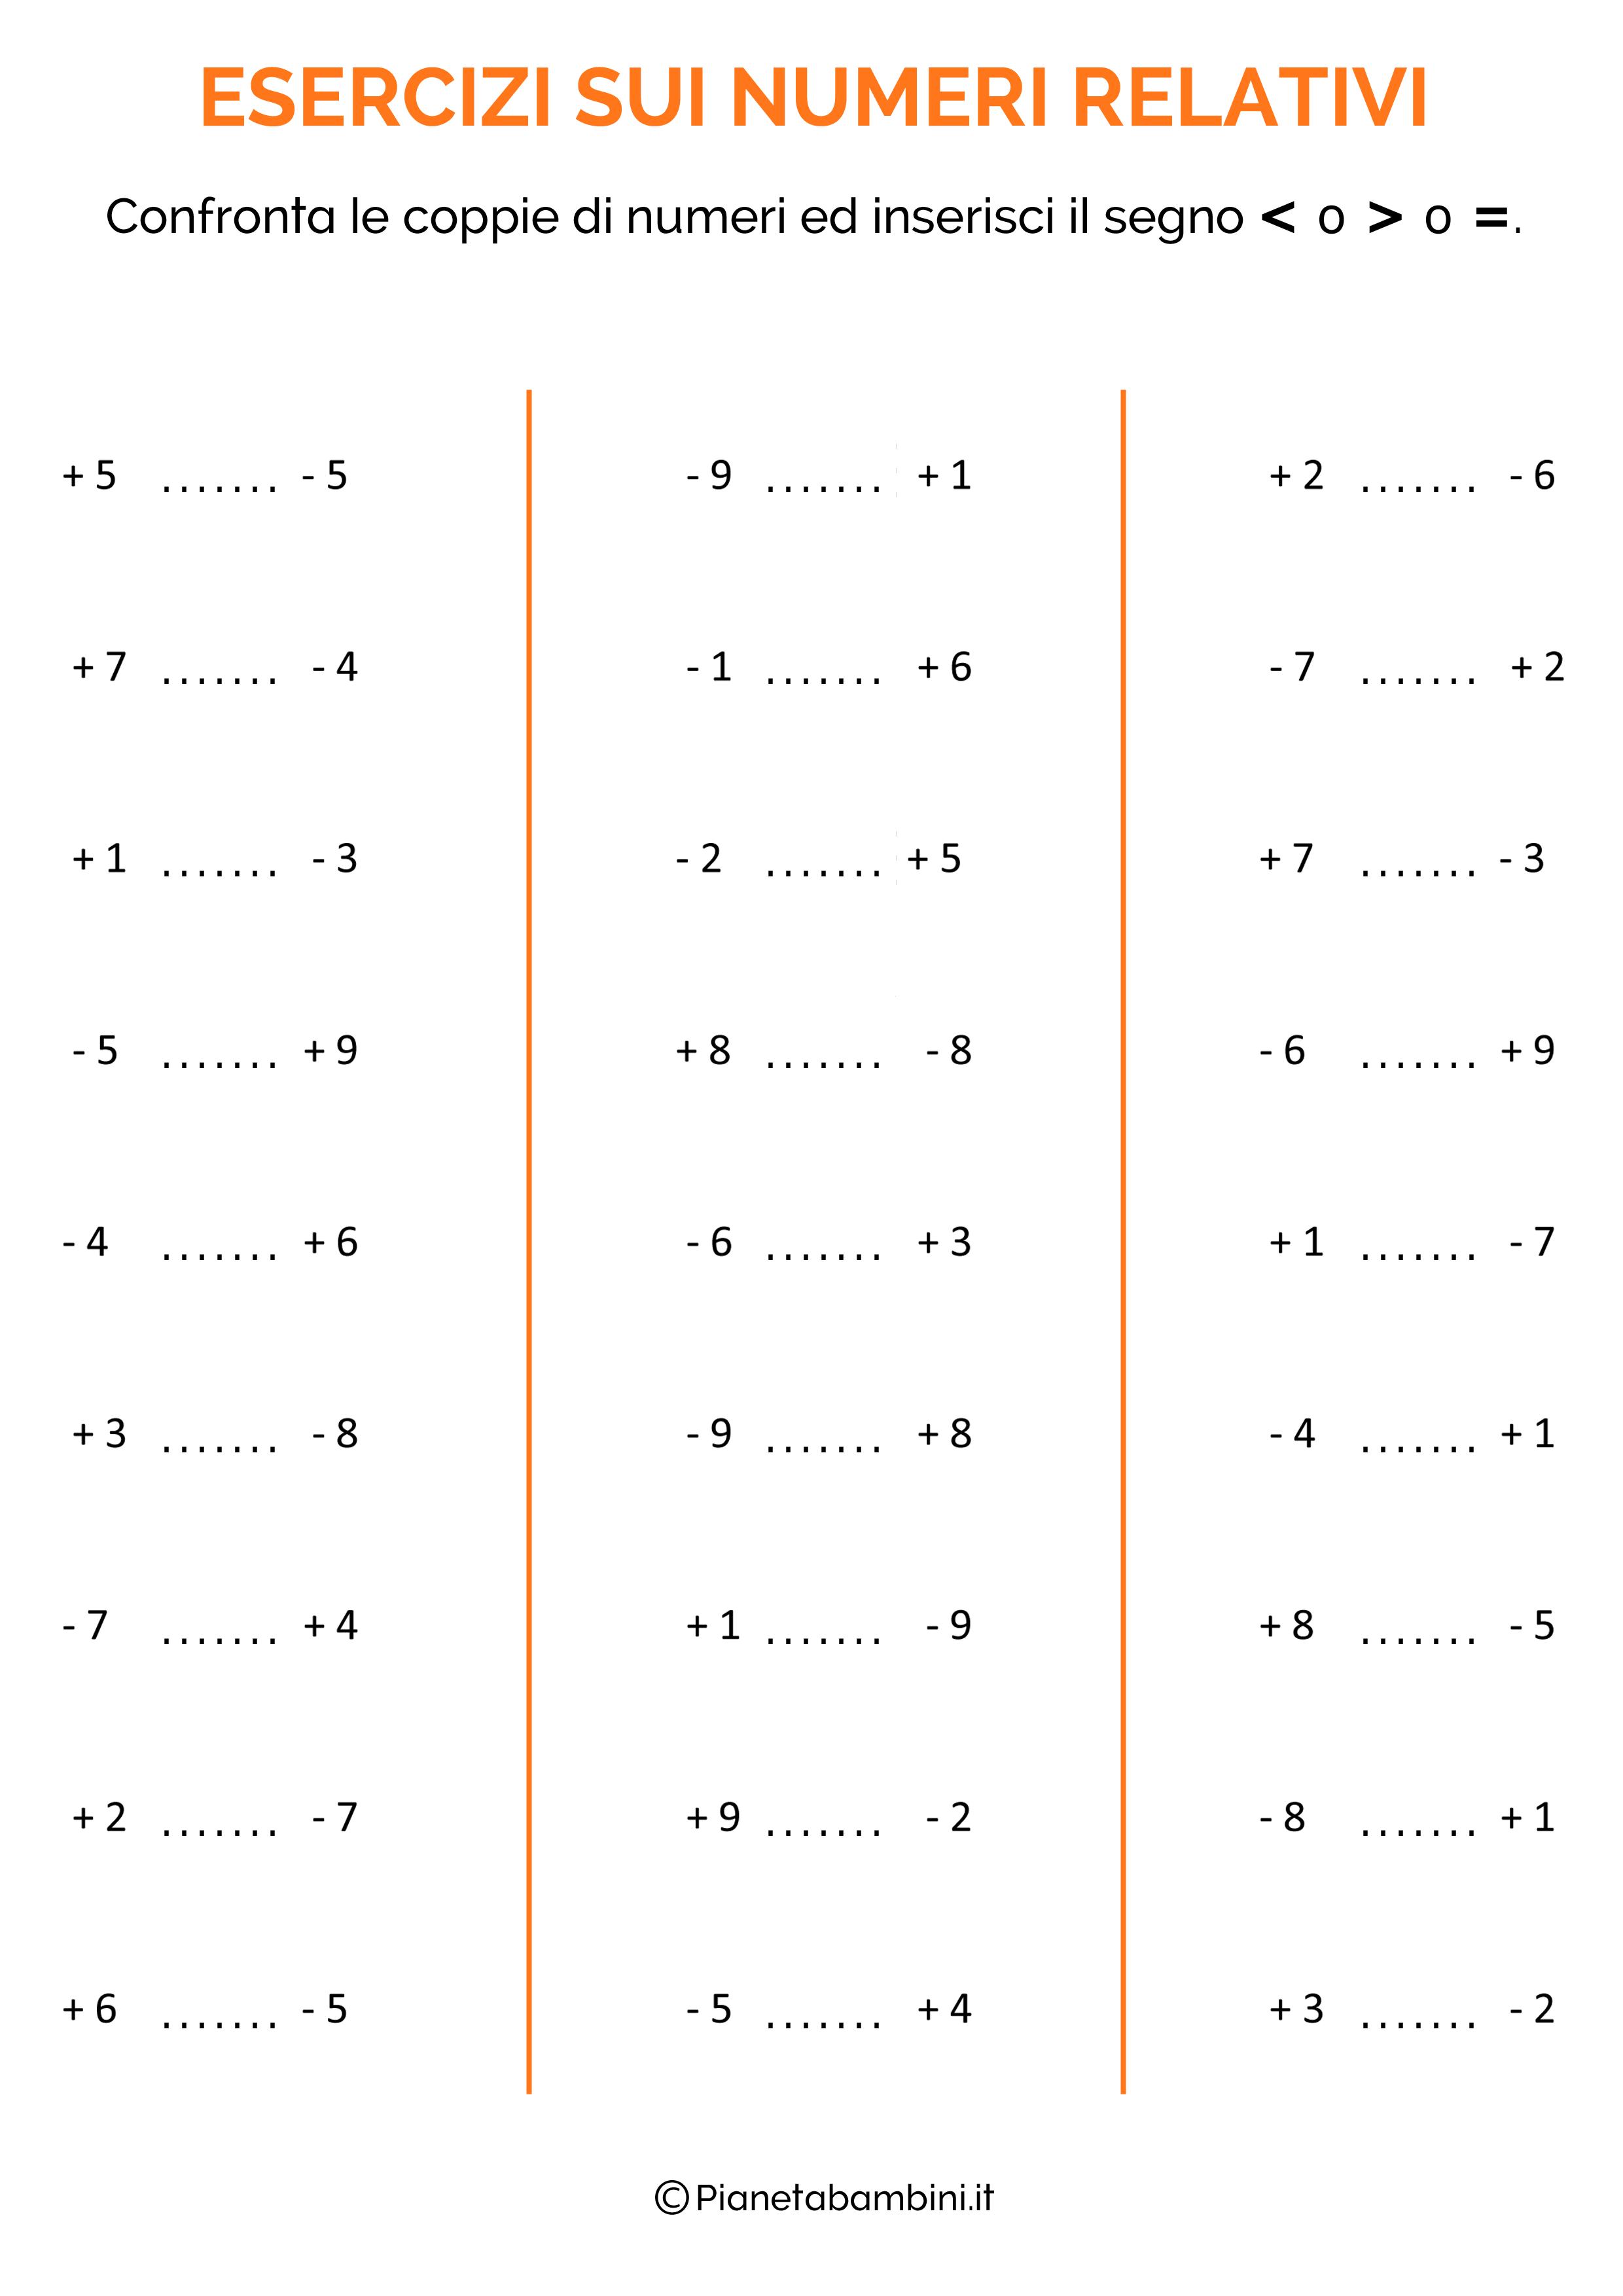 Confronto tra due numeri